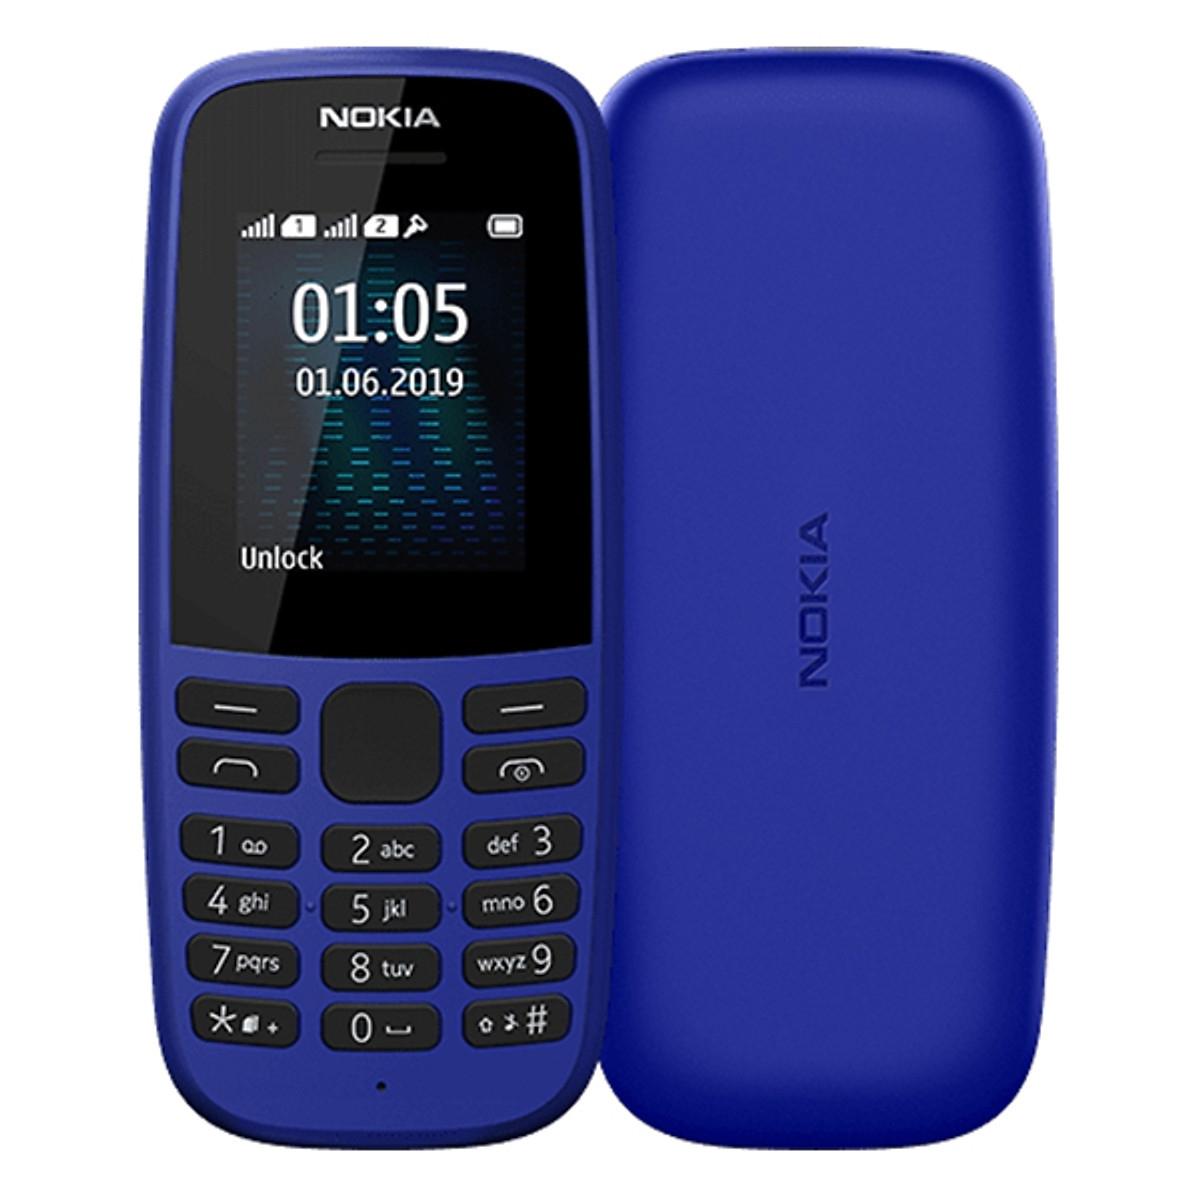 Điện Thoại Nokia 105 Dual Sim (2019) - New Seal